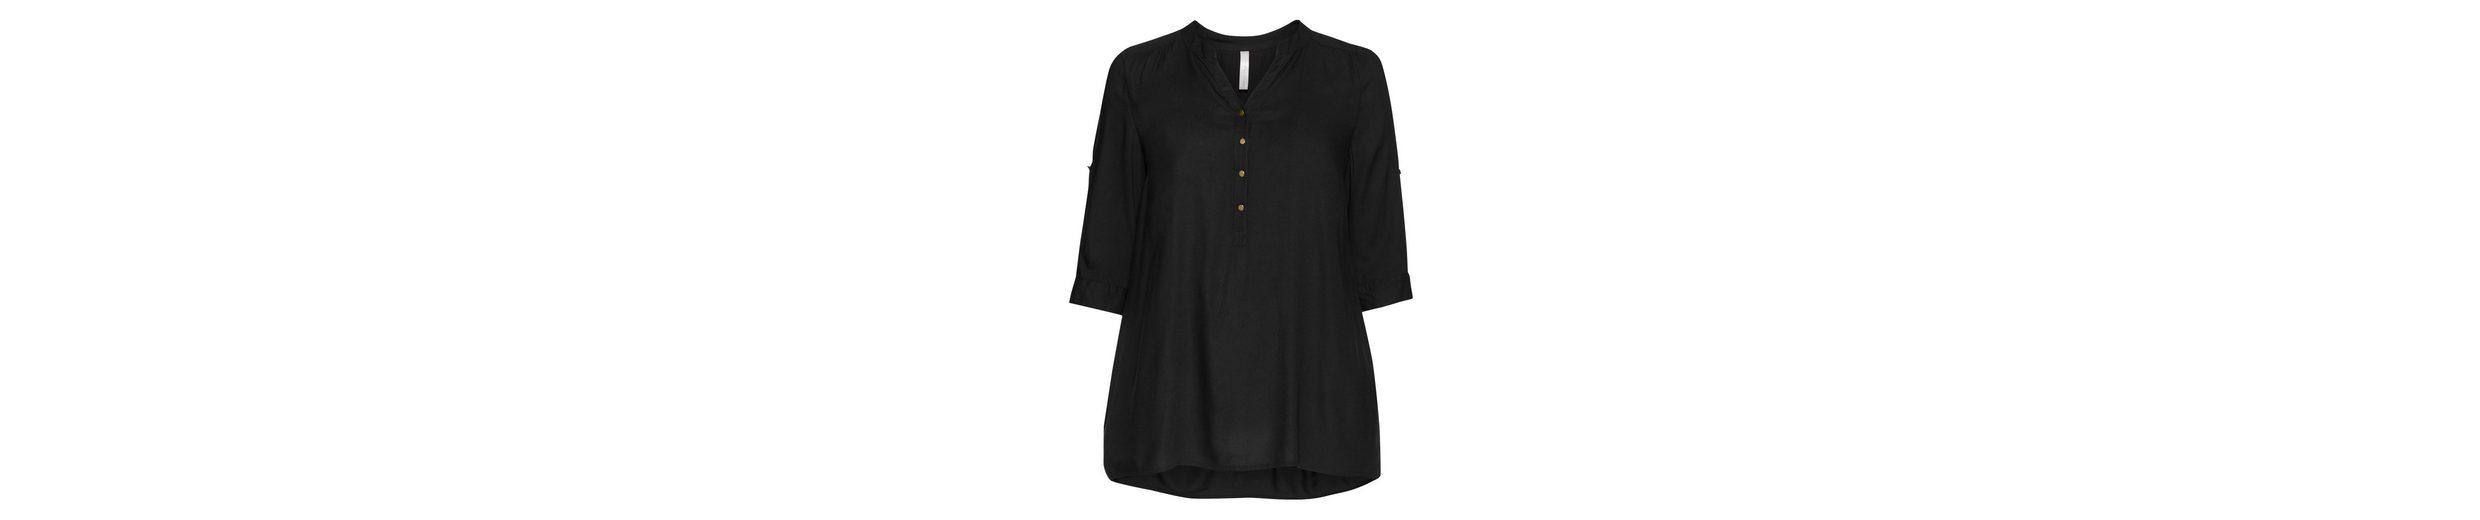 Verkauf Empfehlen sheego Style Longtunika Große Auswahl An Günstigem Preis Verkauf Zum Verkauf R3gD9I